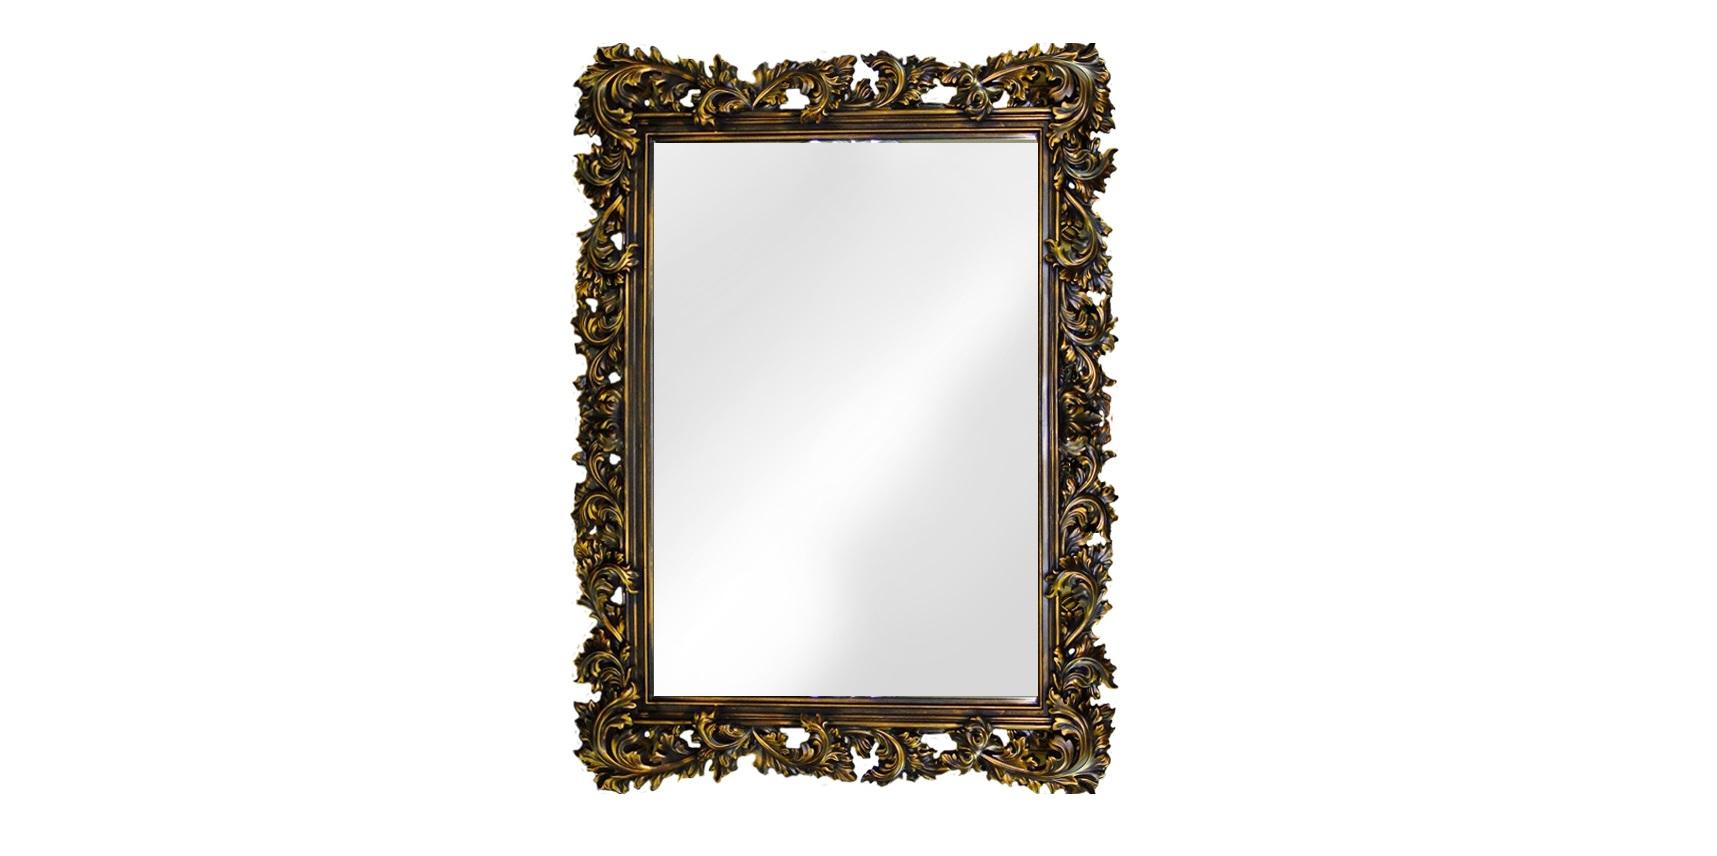 Интерьерное зеркало в стиле ПровансНастенные зеркала<br>&amp;lt;div&amp;gt;Такое зеркало очень выразительно, прекрасно подойдет для интерьеров в европейском стиле, осовремененной классики. Рама изготовлена из мебельного пенополиуретана, современного материала, который внешне напоминает древесину. А при грамотном окрашивании отличить и вовсе сложно. Это зеркало можно и в ванной повесить — ППУ не боится воды, а ухаживать за ним легко, достаточно протереть влажной губкой. Резные элементы выглядят воздушными, хотя и очень прочны, не трескаются, не отламываются.&amp;lt;/div&amp;gt;&amp;lt;div&amp;gt;&amp;lt;br&amp;gt;&amp;lt;/div&amp;gt;&amp;lt;div&amp;gt;&amp;lt;div&amp;gt;Цвет:&amp;amp;nbsp;Венге Золото&amp;lt;/div&amp;gt;&amp;lt;/div&amp;gt;<br><br>Material: Полиуретан<br>Length см: None<br>Width см: 88<br>Depth см: 4<br>Height см: 115